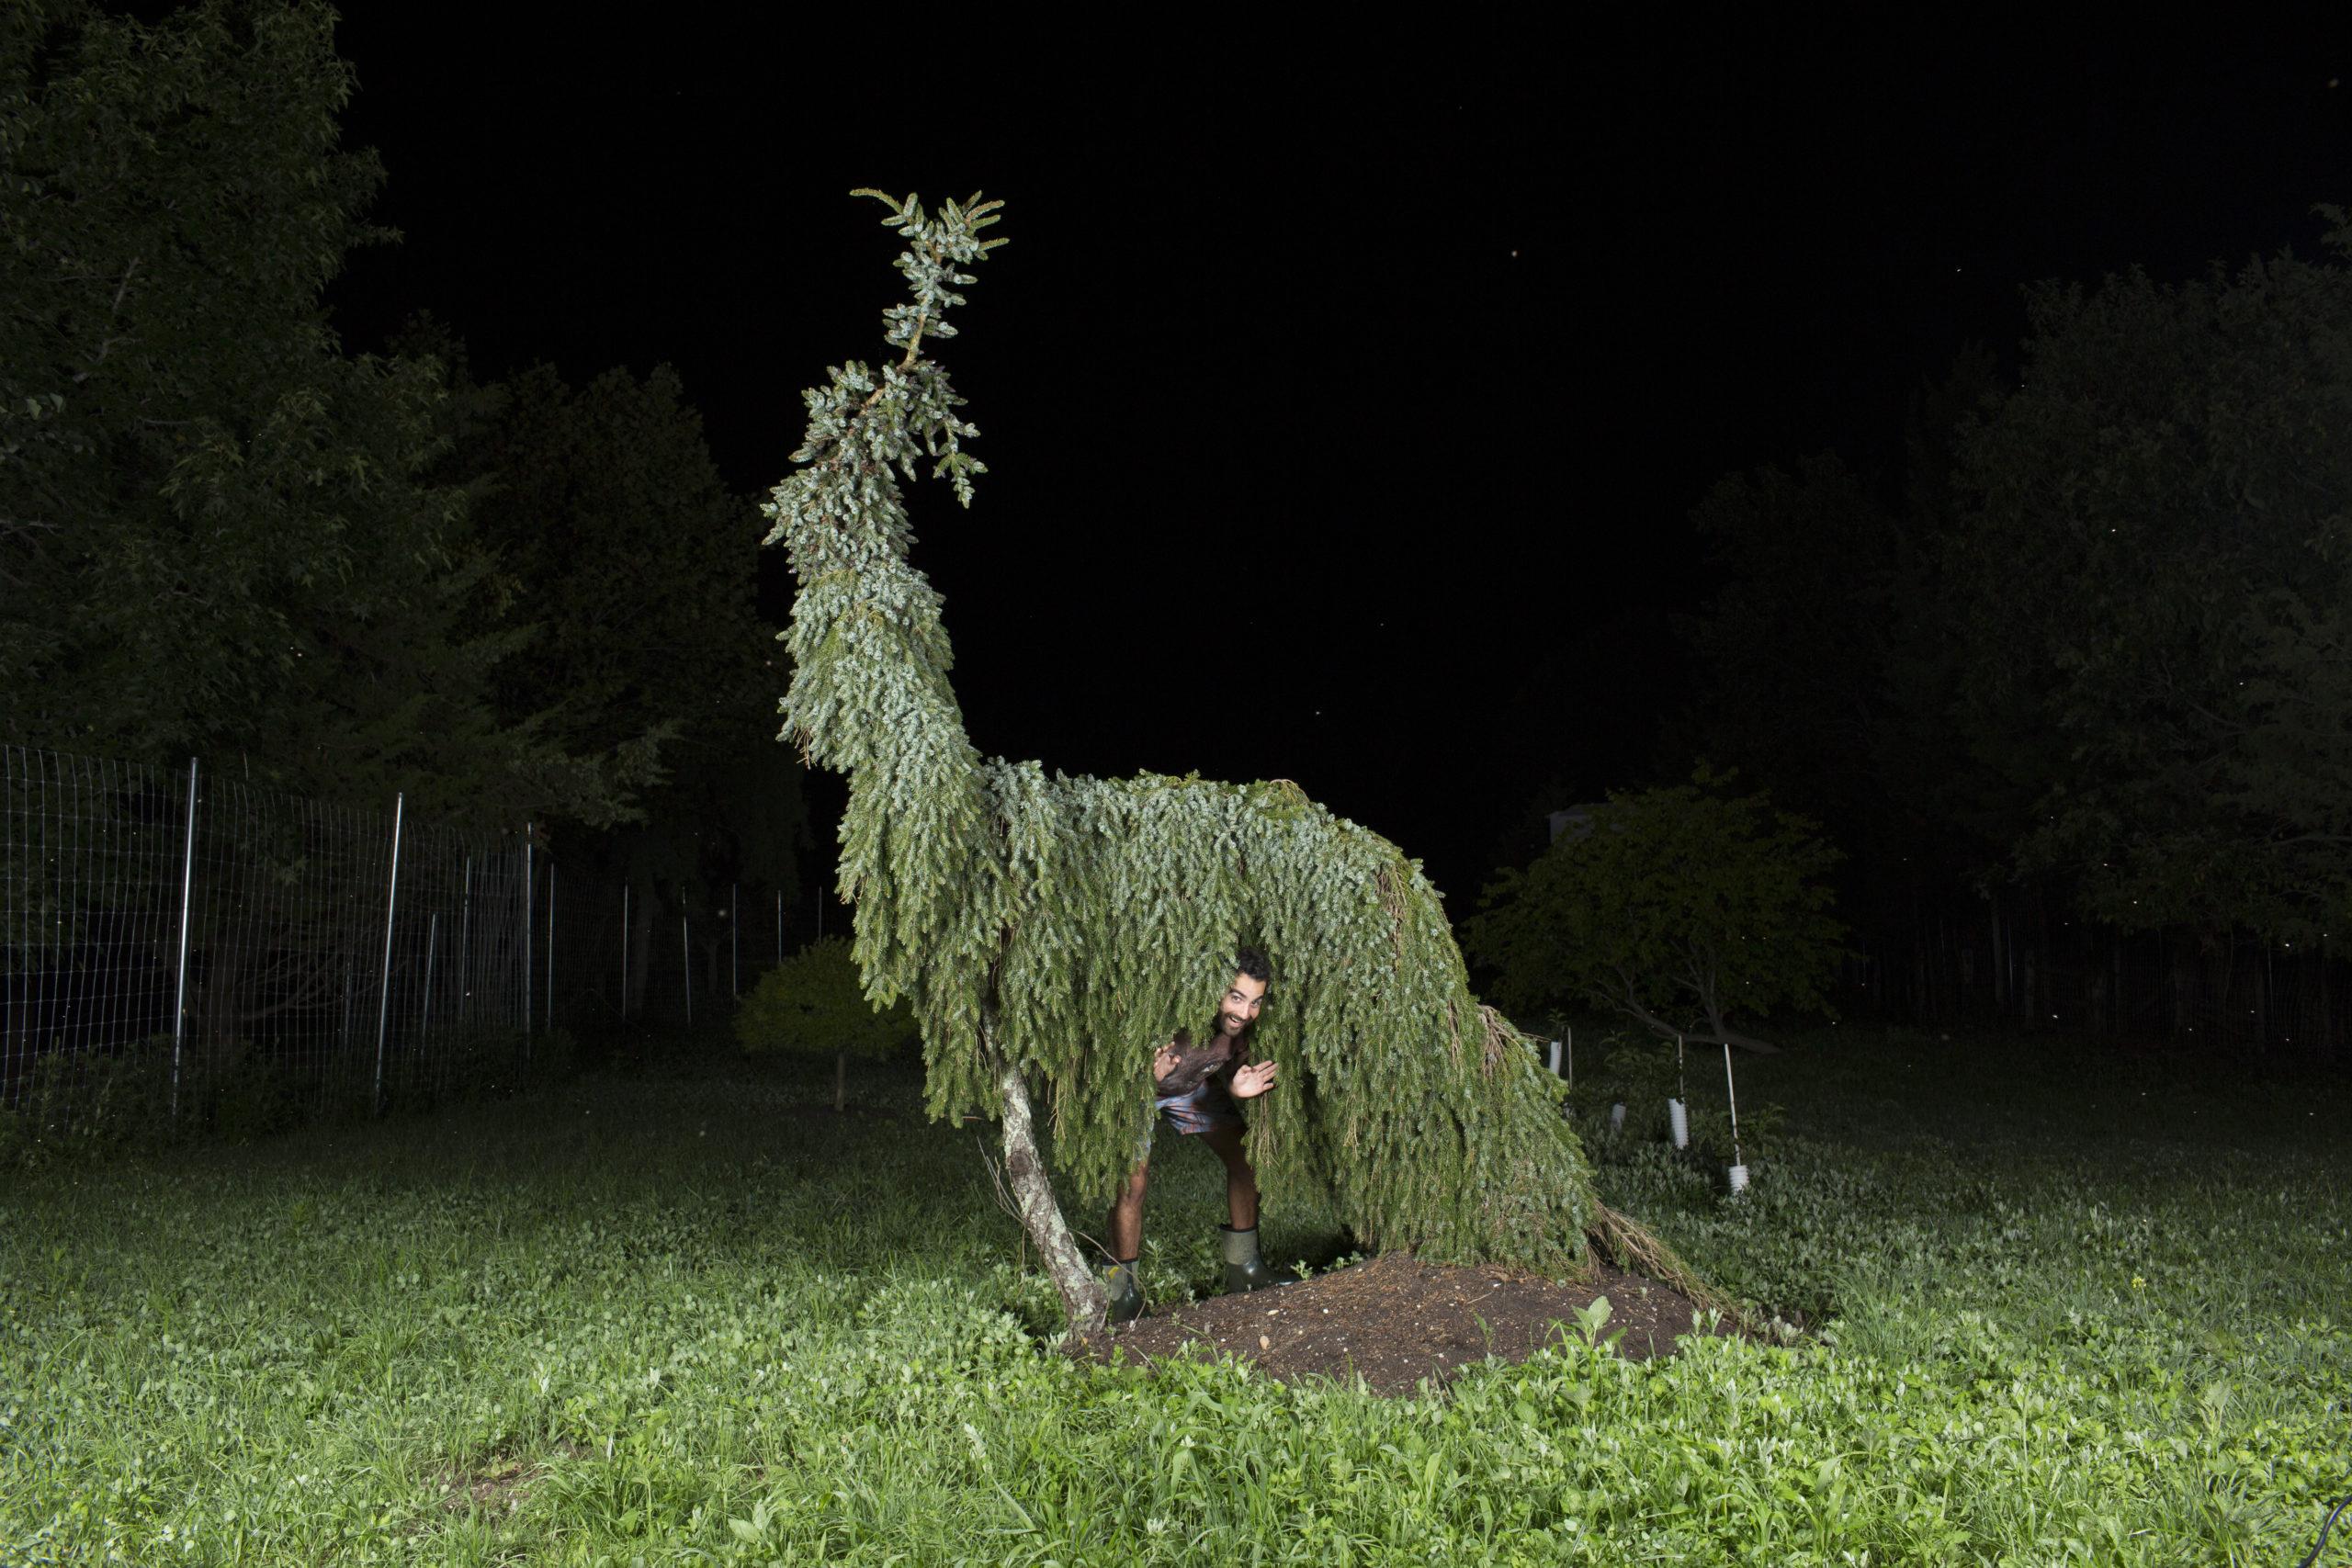 Tucker Marder at the Folly Tree Arboretum. COURTESY TUCKER MARDER